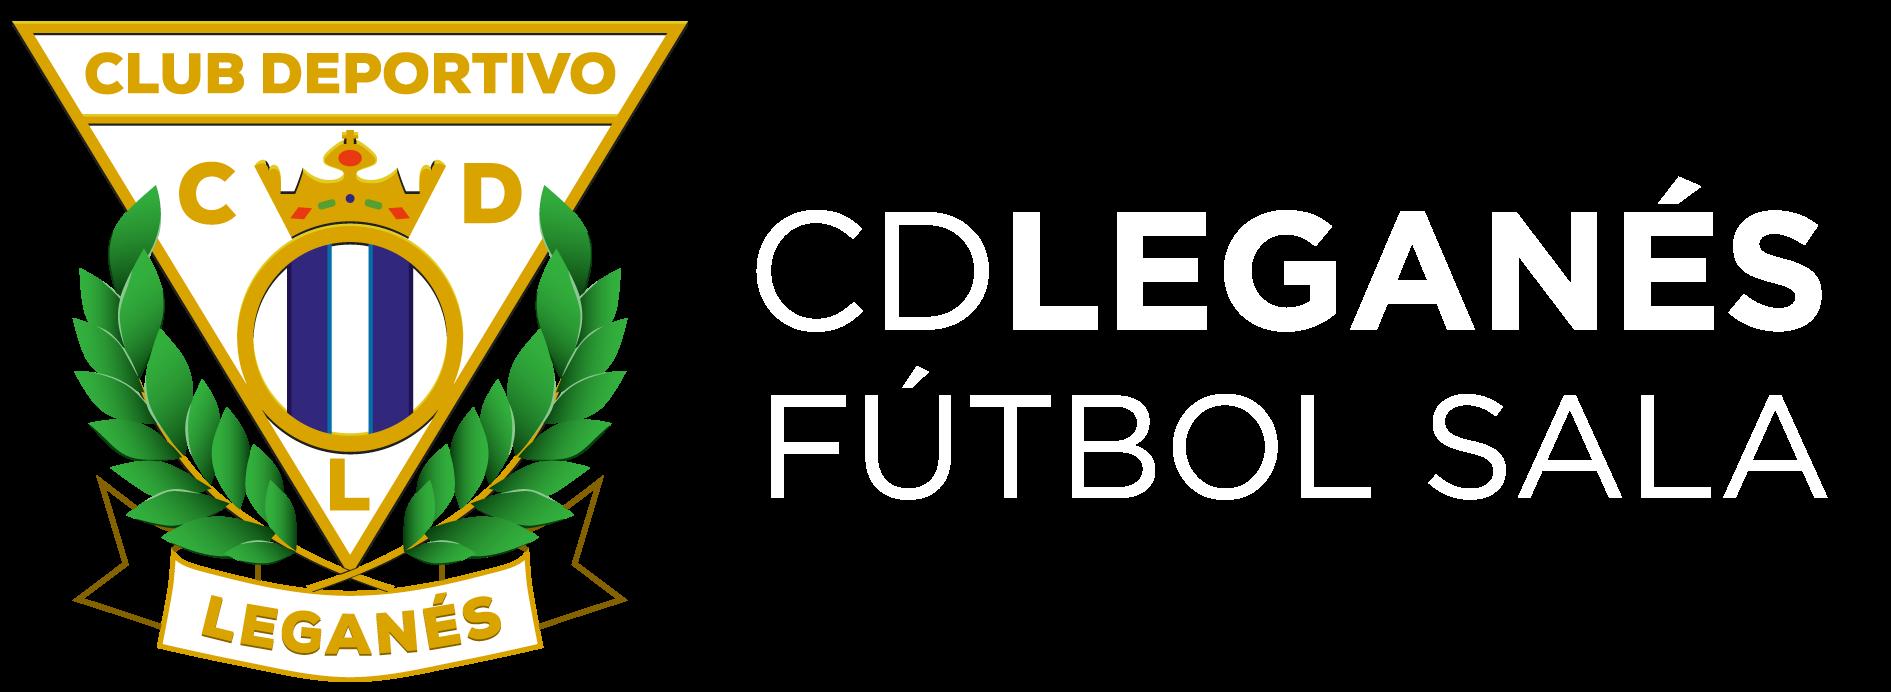 CD Leganés Fútbol Sala